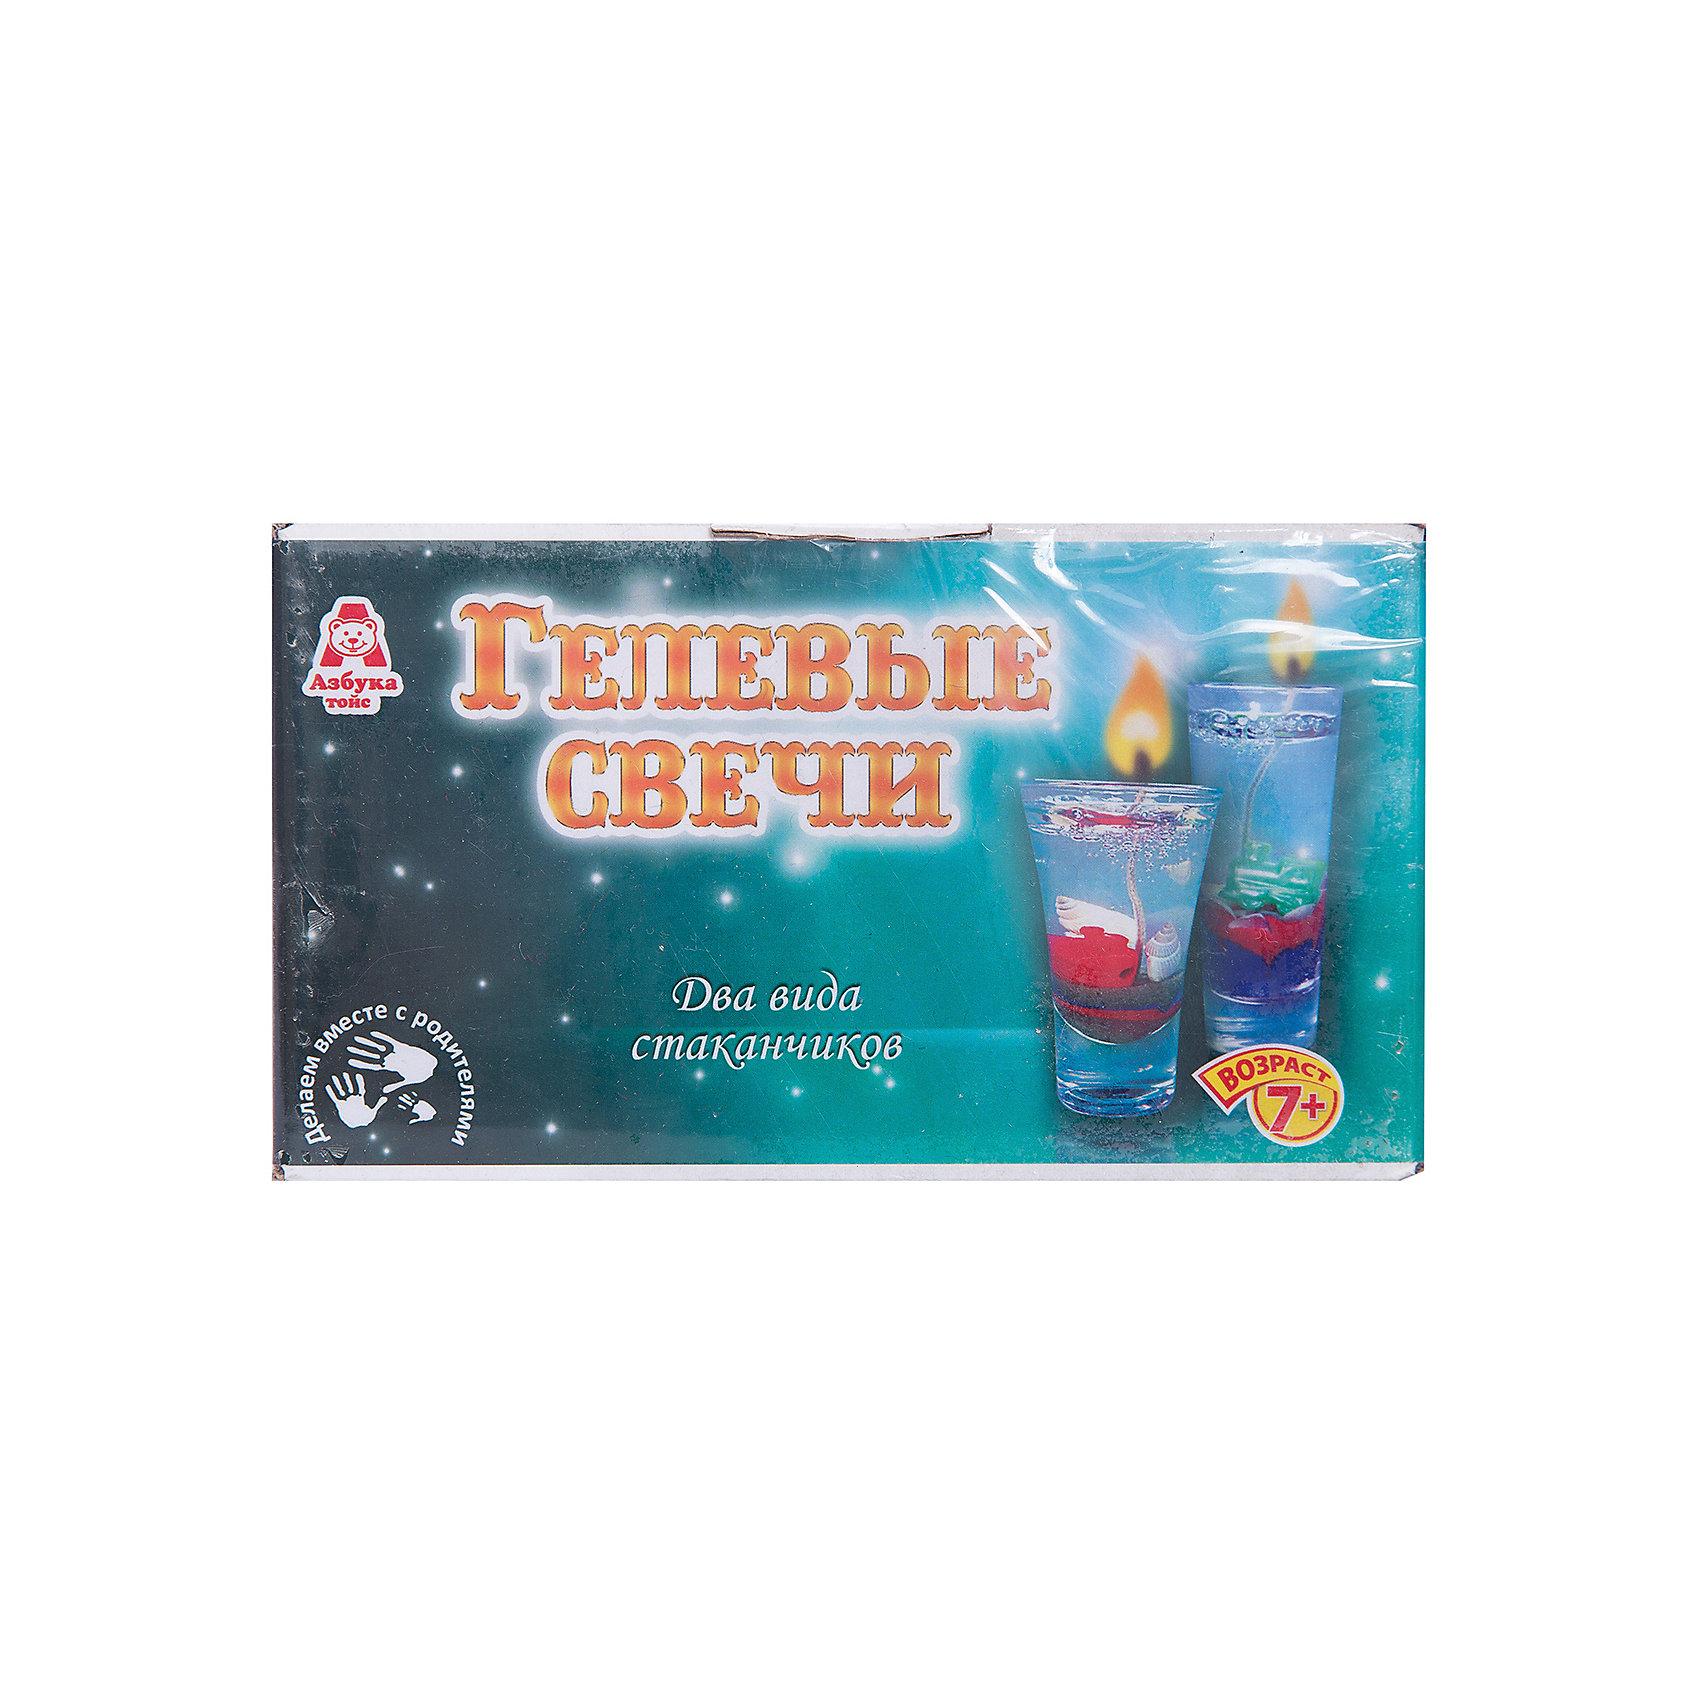 Азбука Тойс Свечи гелевые Транспорт купить в аптеках г днепропетровска бализ 10 свечи